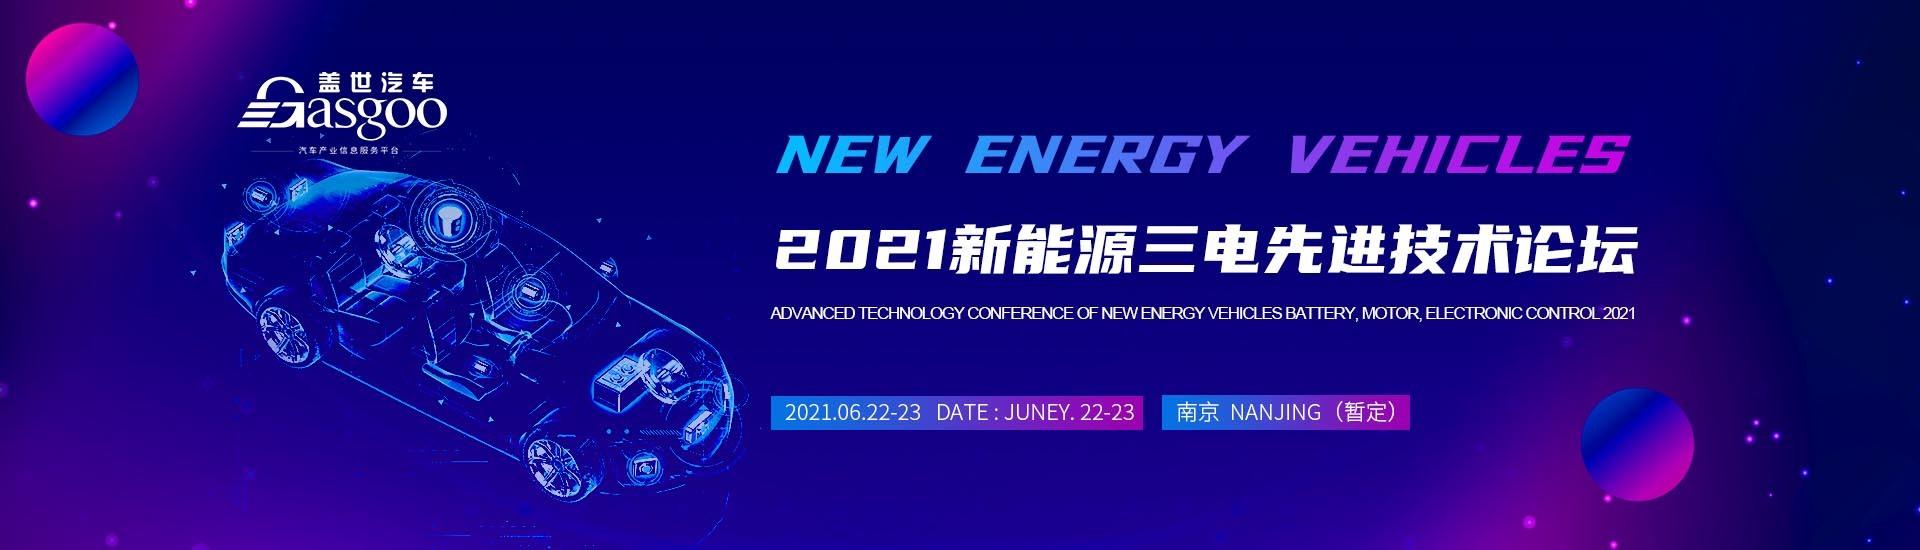 2021新能源三电先进技术论坛